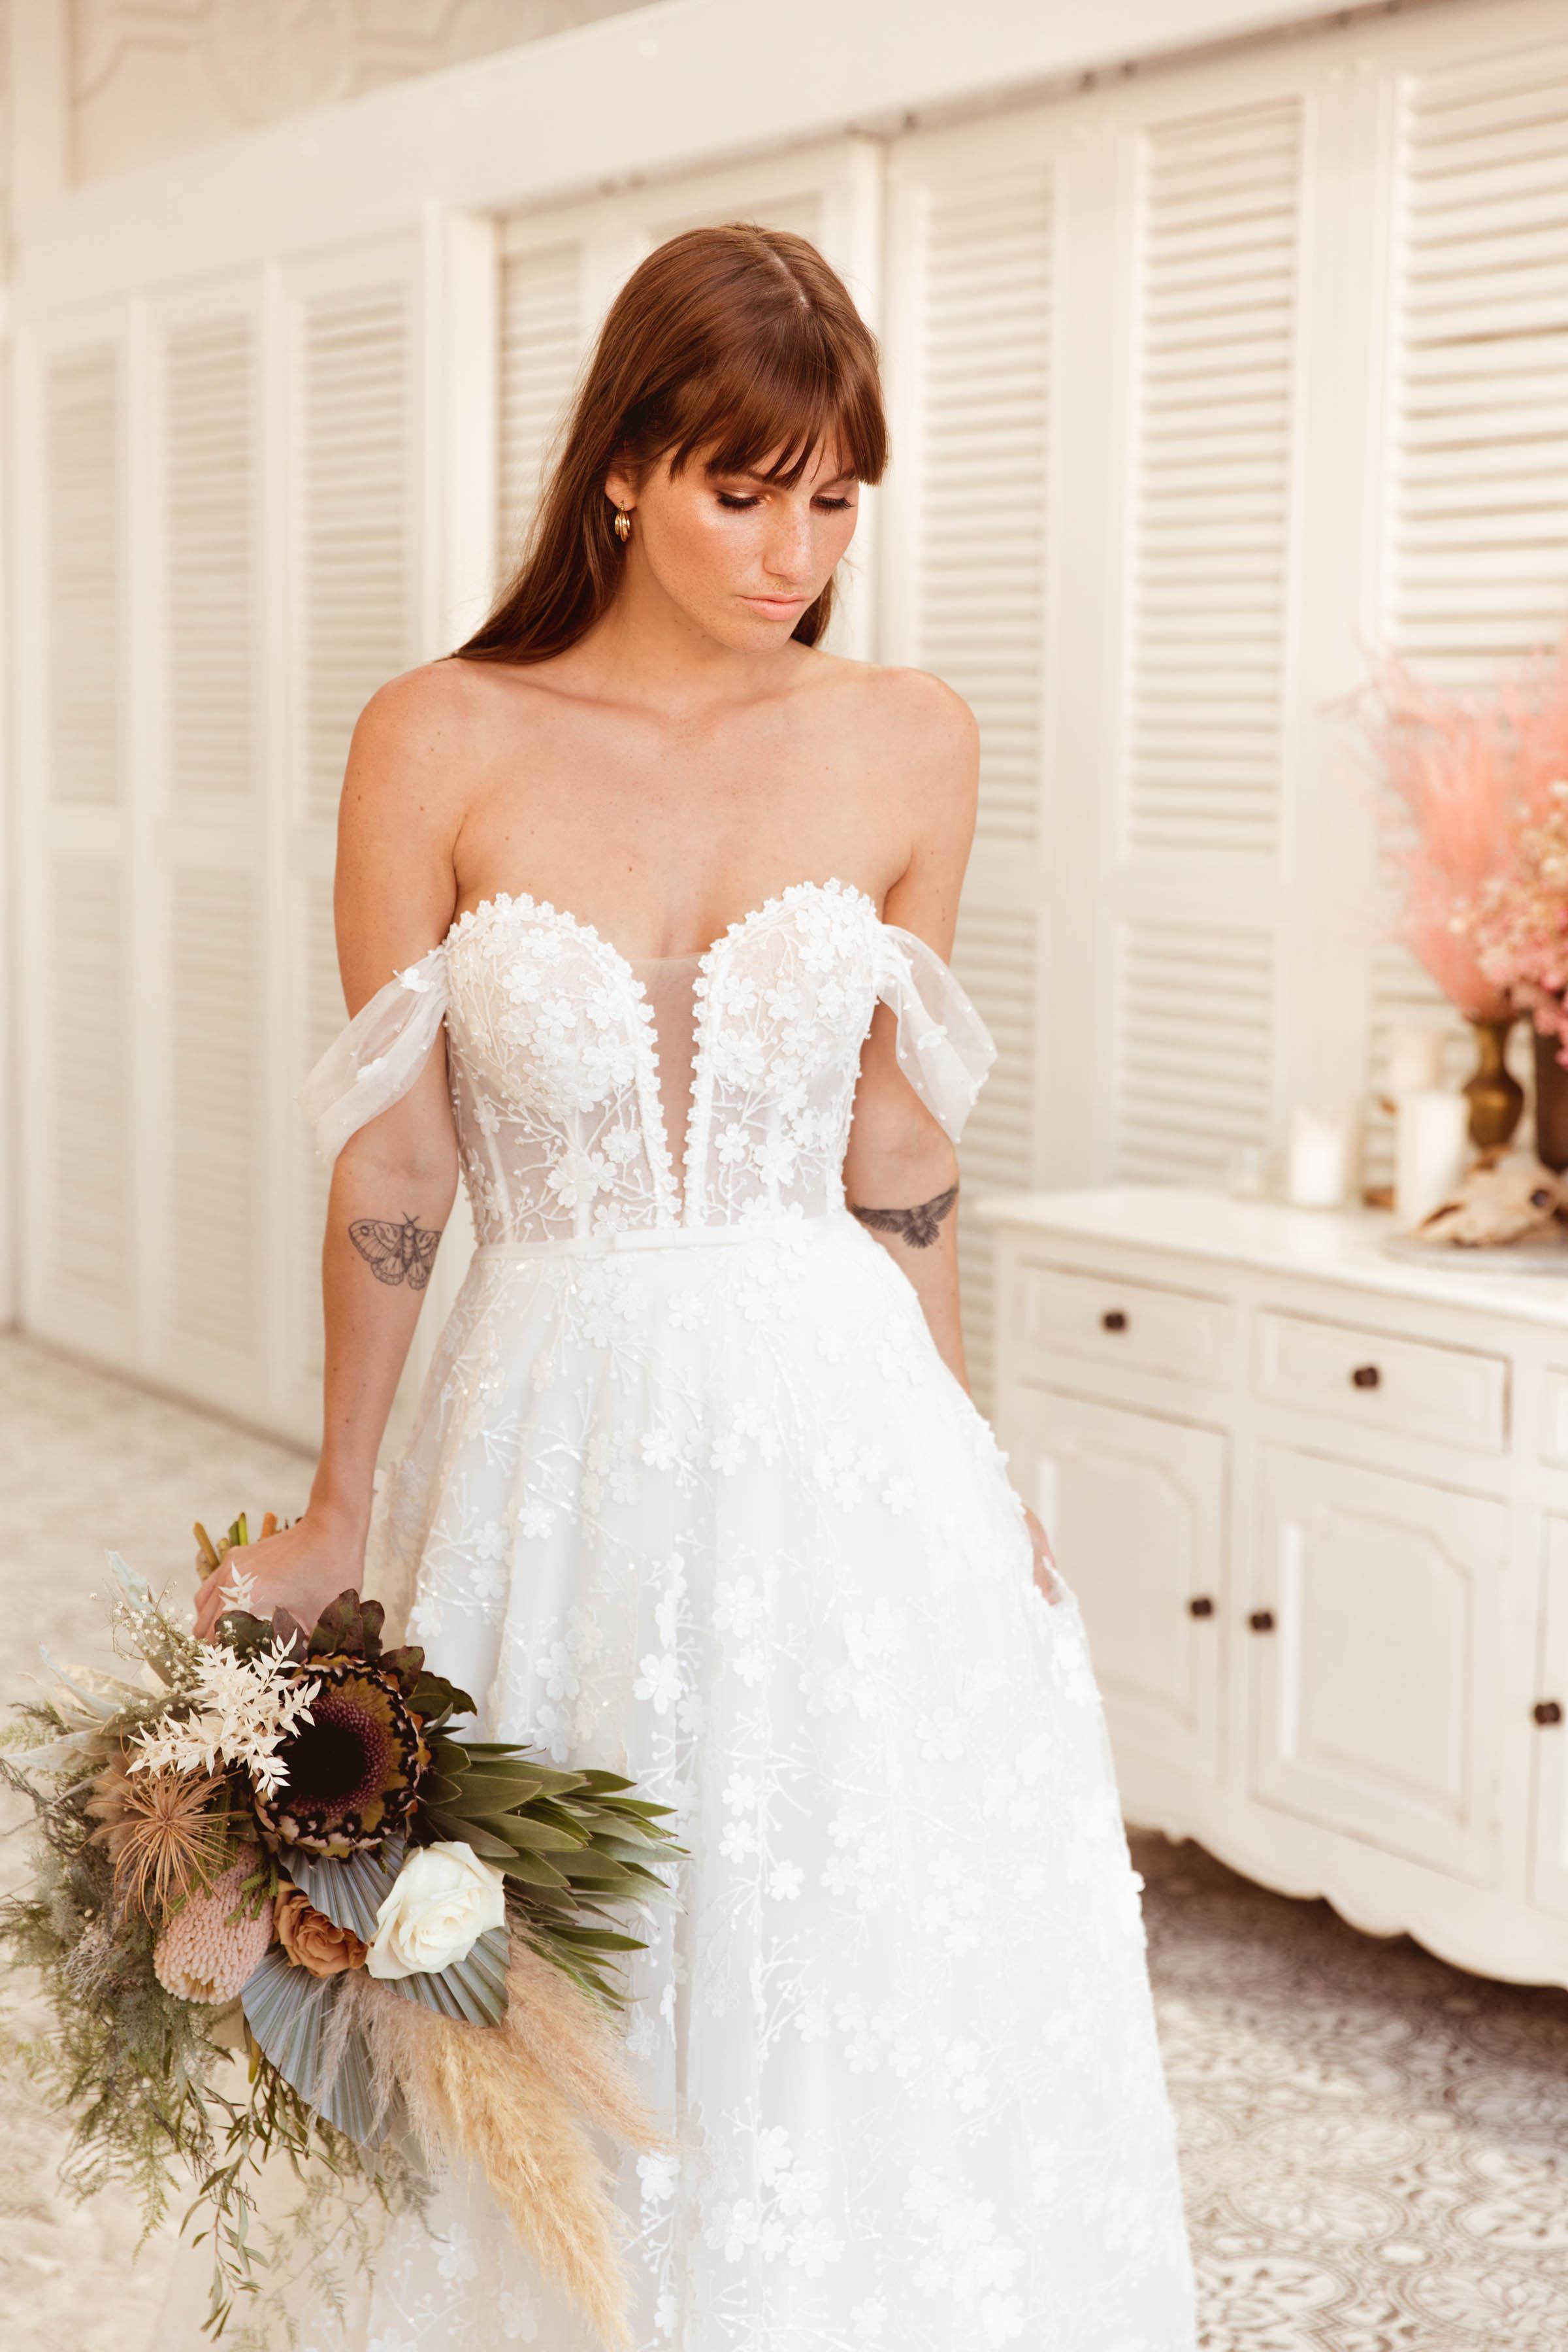 Casamento intimista: tudo o que você precisa saber + 22 vestidos